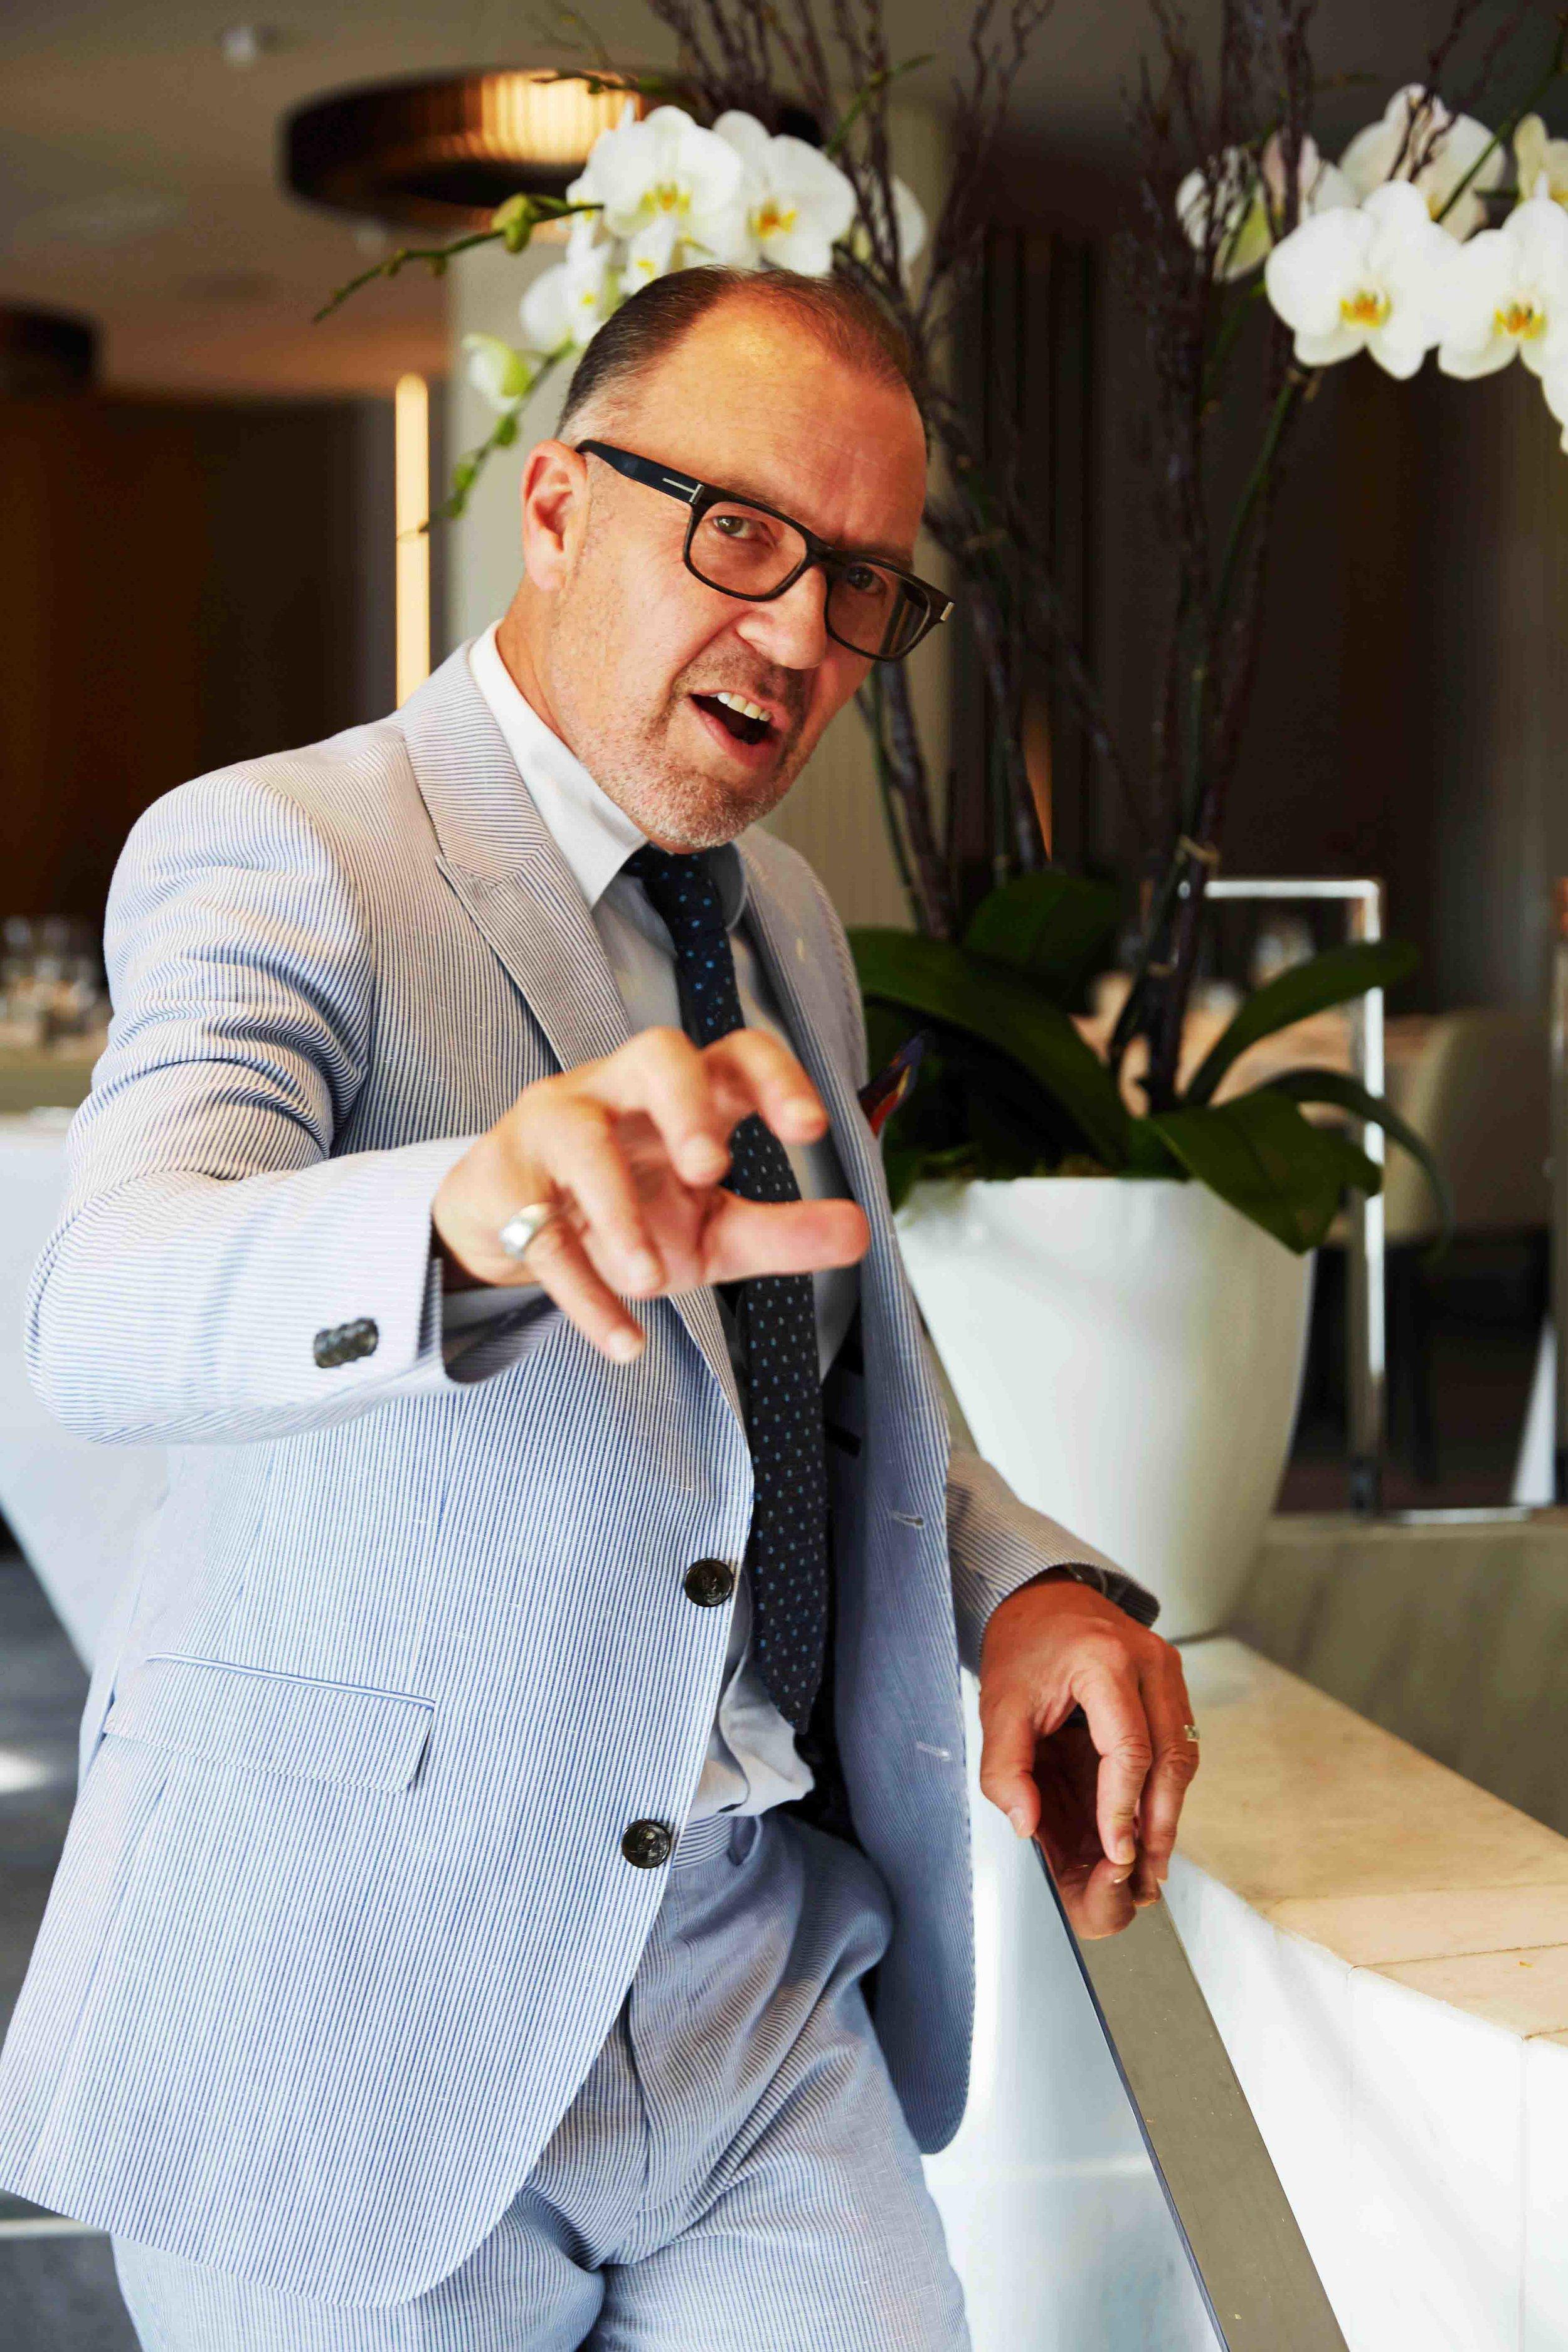 DJ Peter Urlich